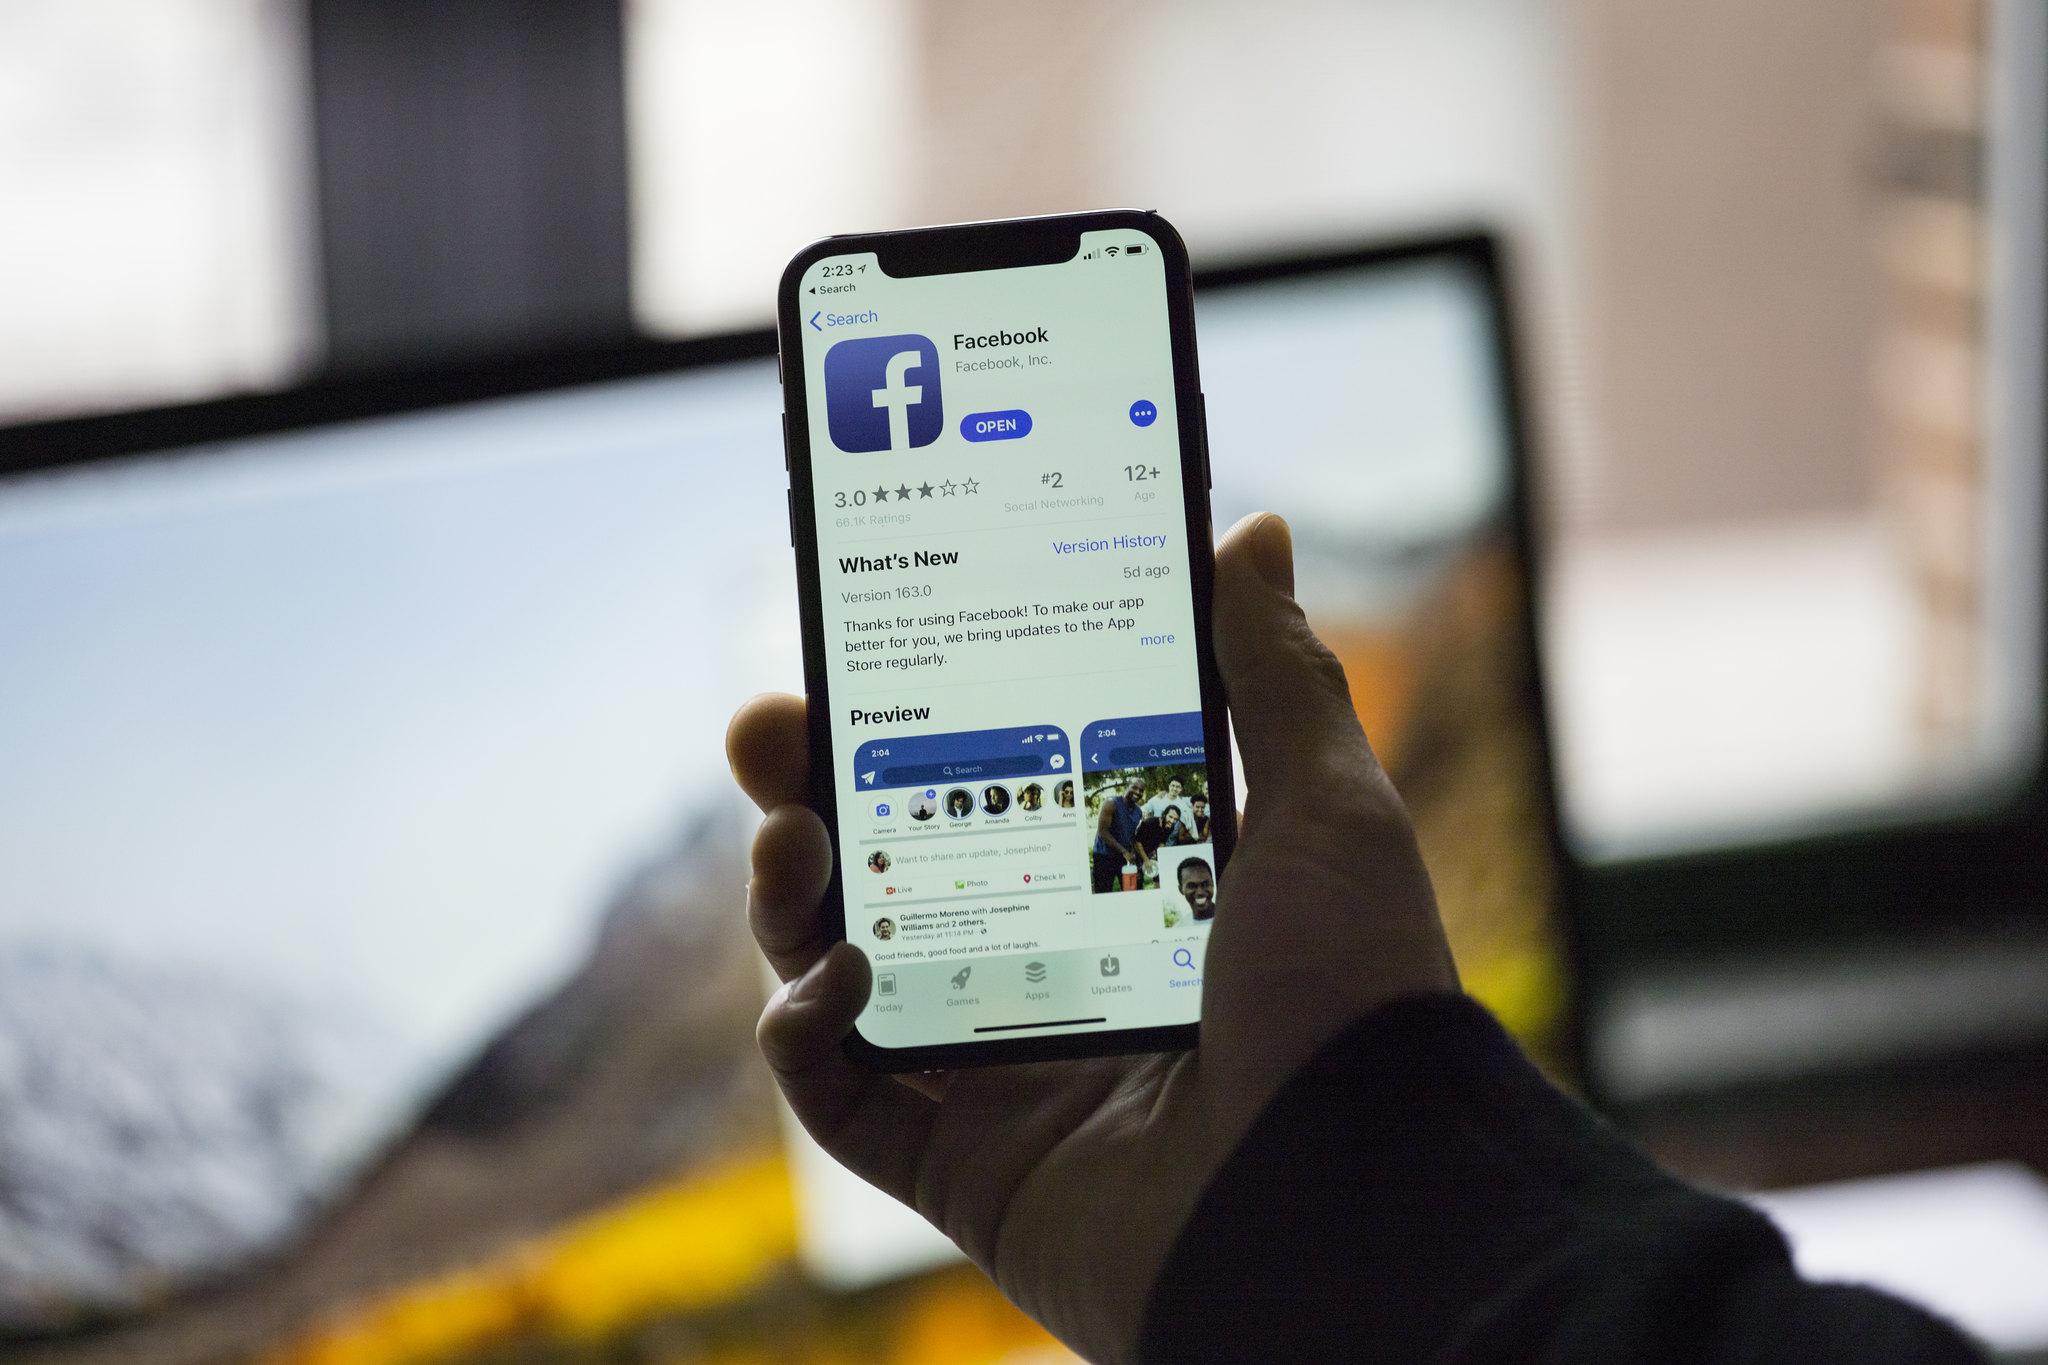 L'app iOS de Facebook utilise la caméra quand vous naviguez dans le fil d'actualité